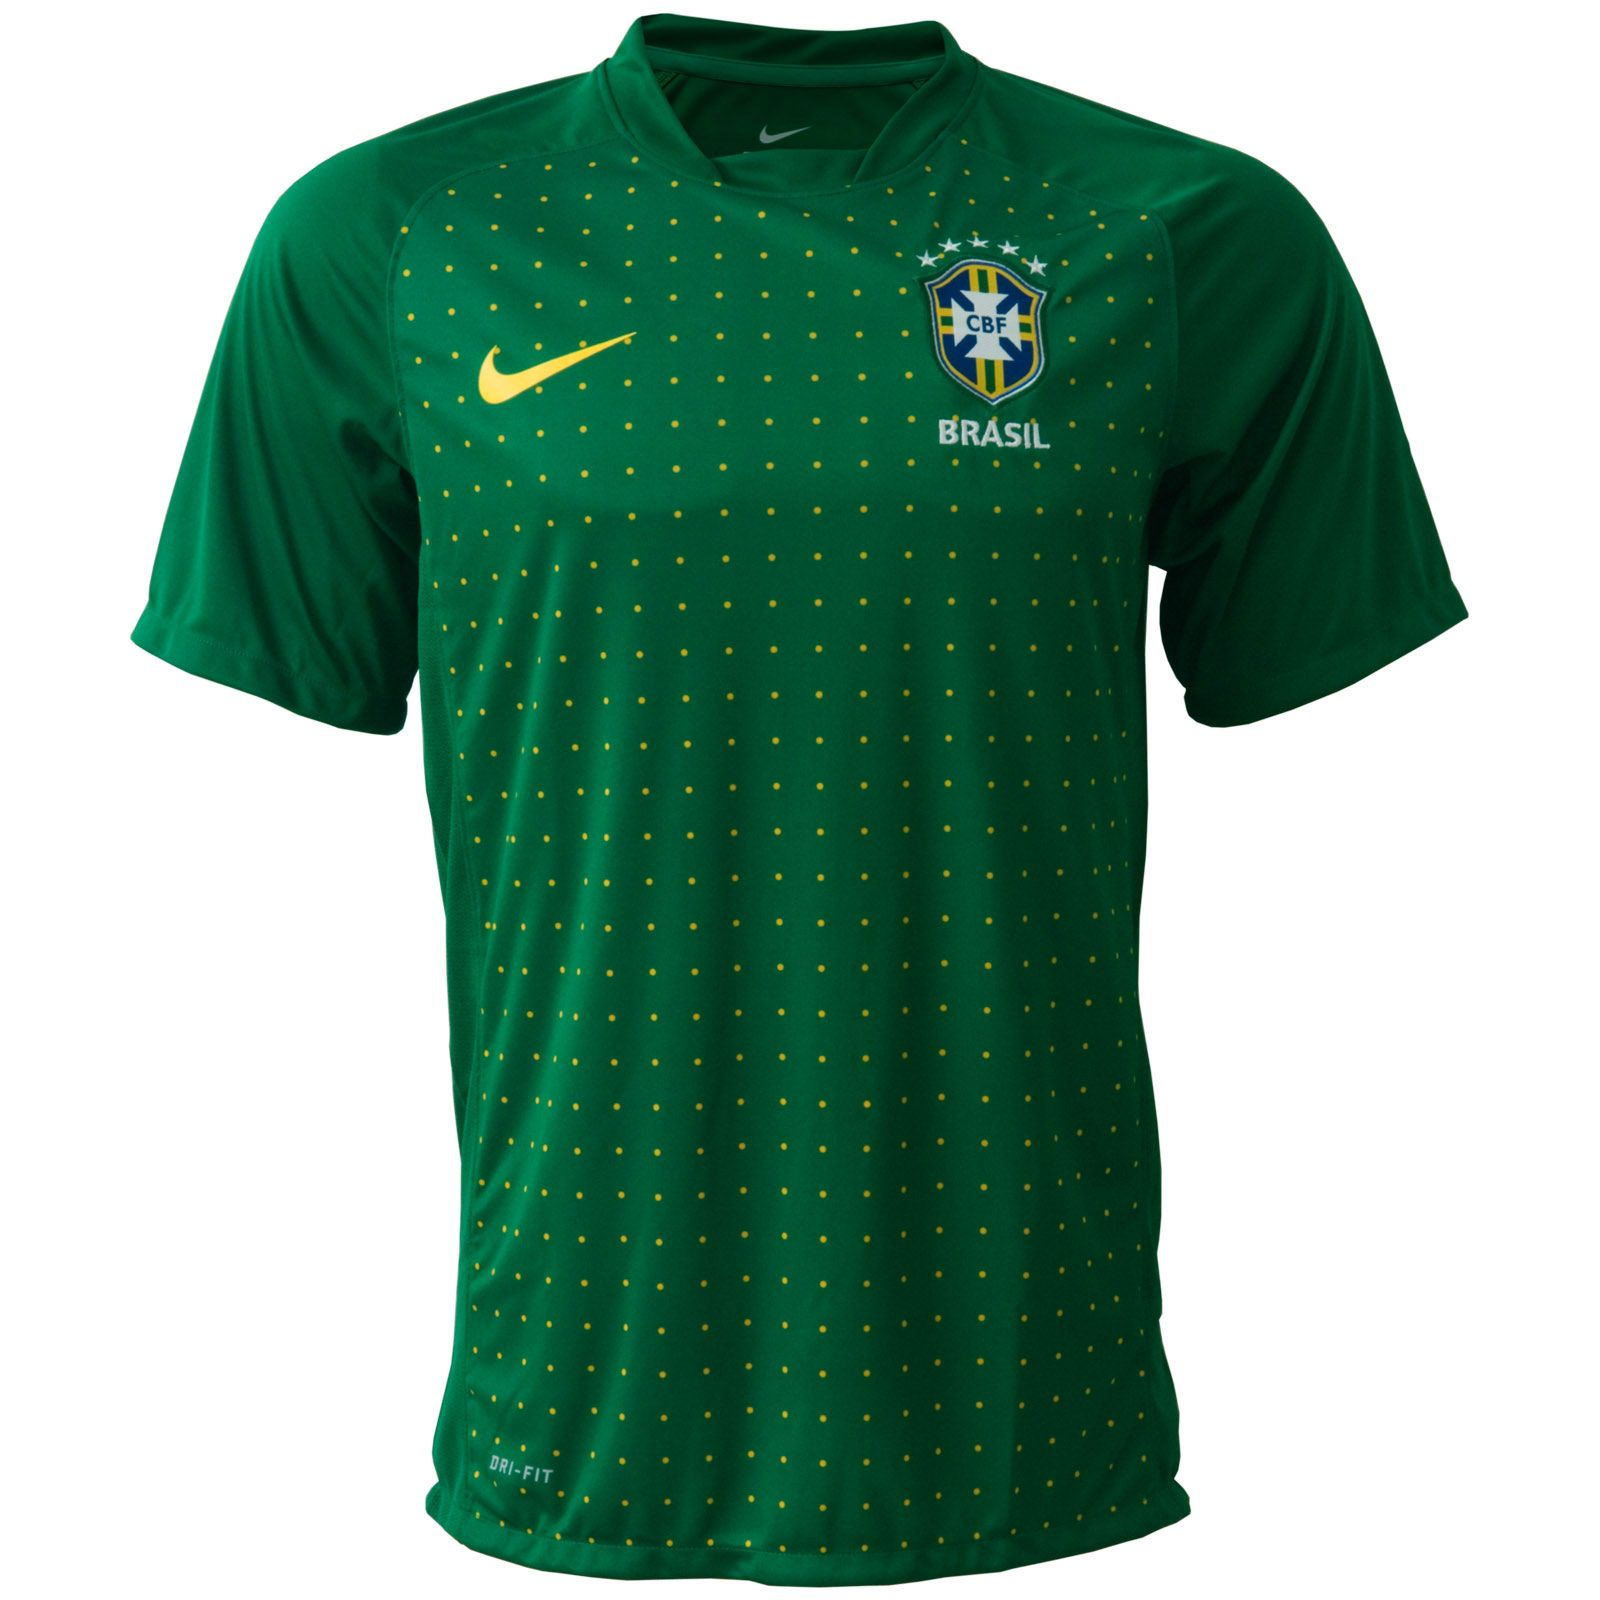 Camisa Nike Seleção Brasil Pre Match 2011